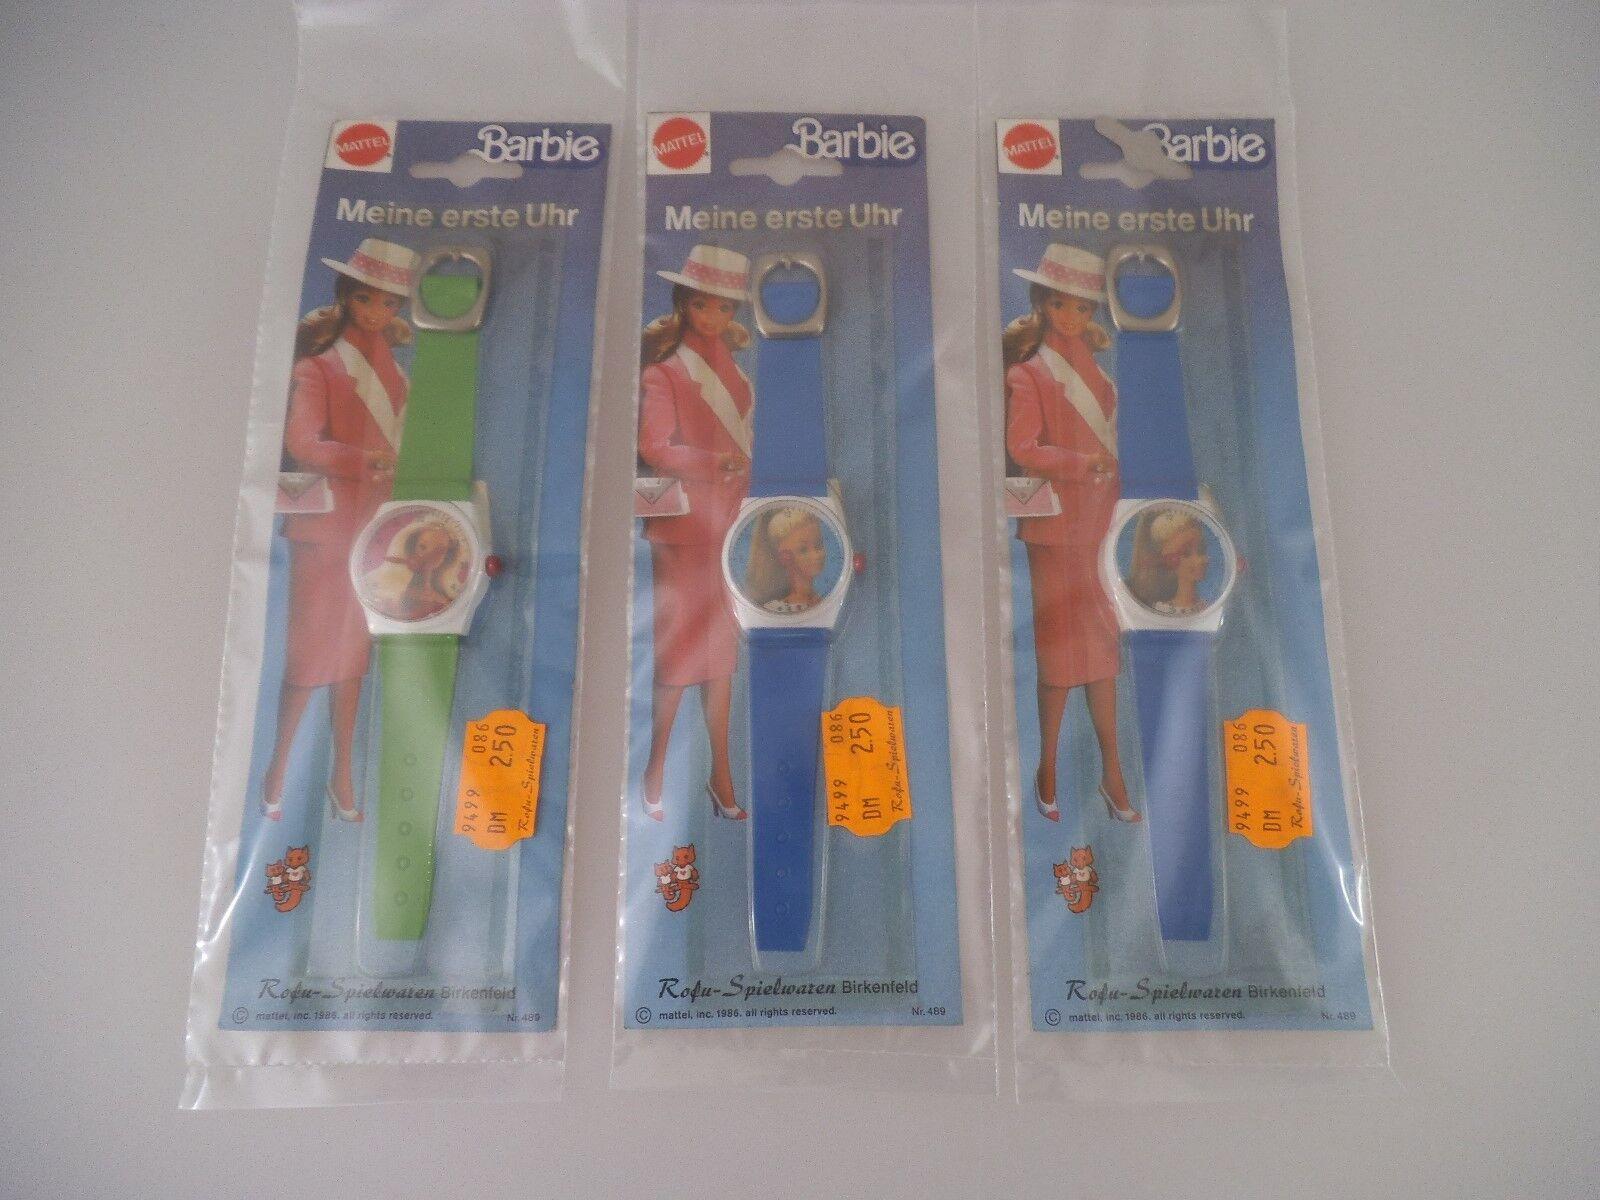 3 Barbie Armbanduhren von 1986 in OVP NRFB Mattel (2158)